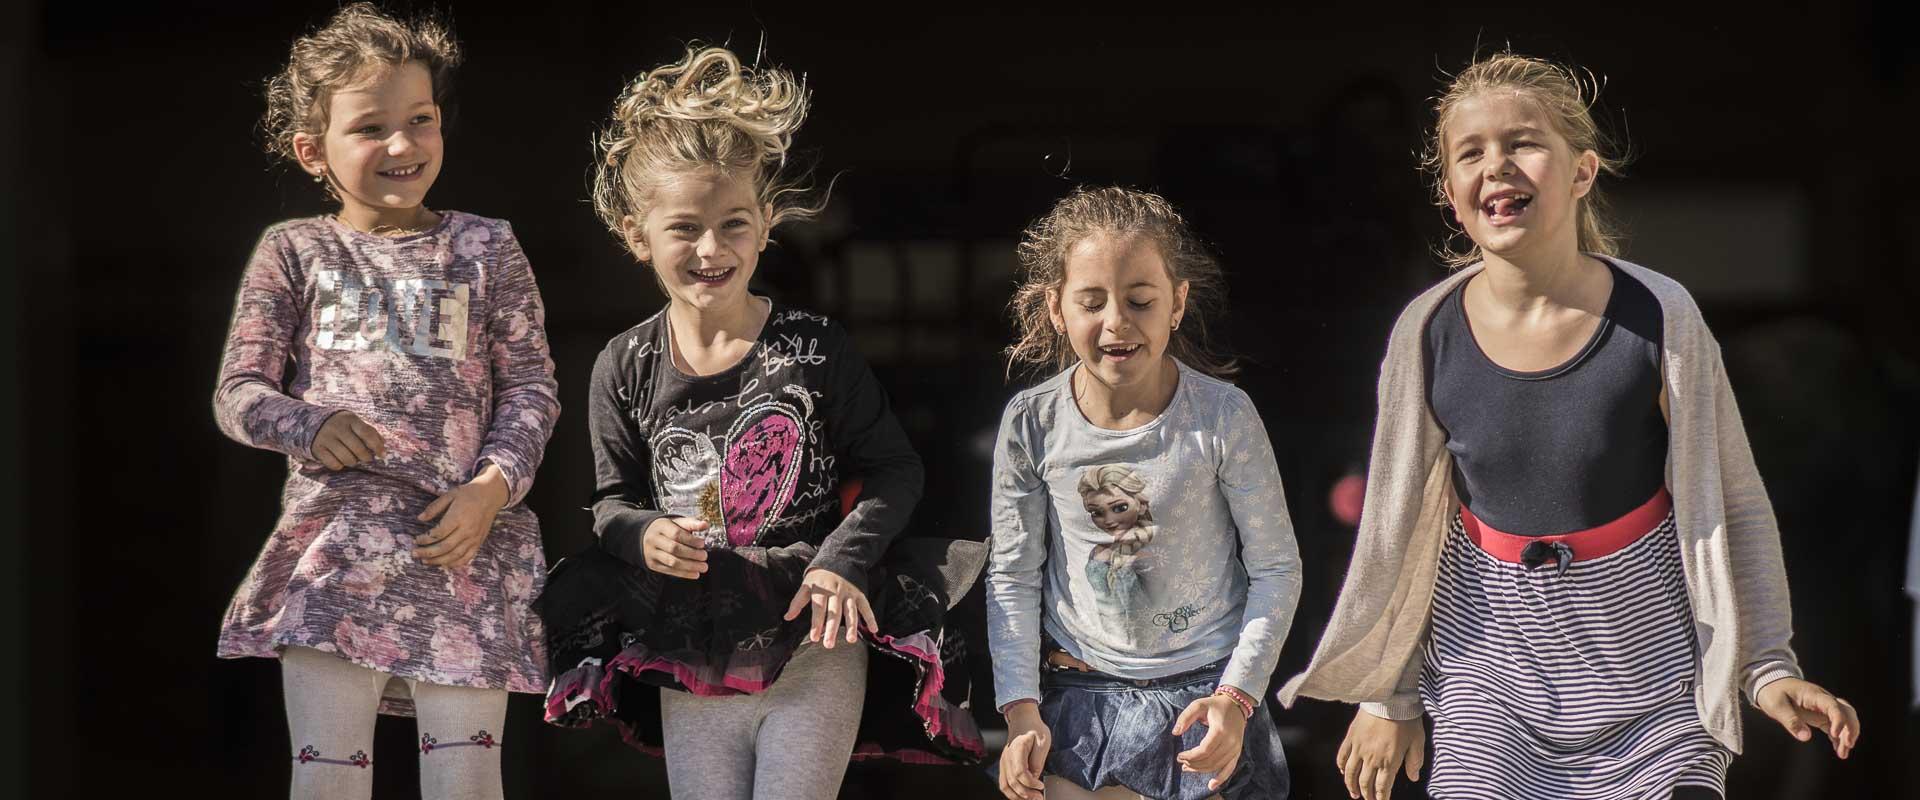 Mädchen beim gemeinsamen Spiel